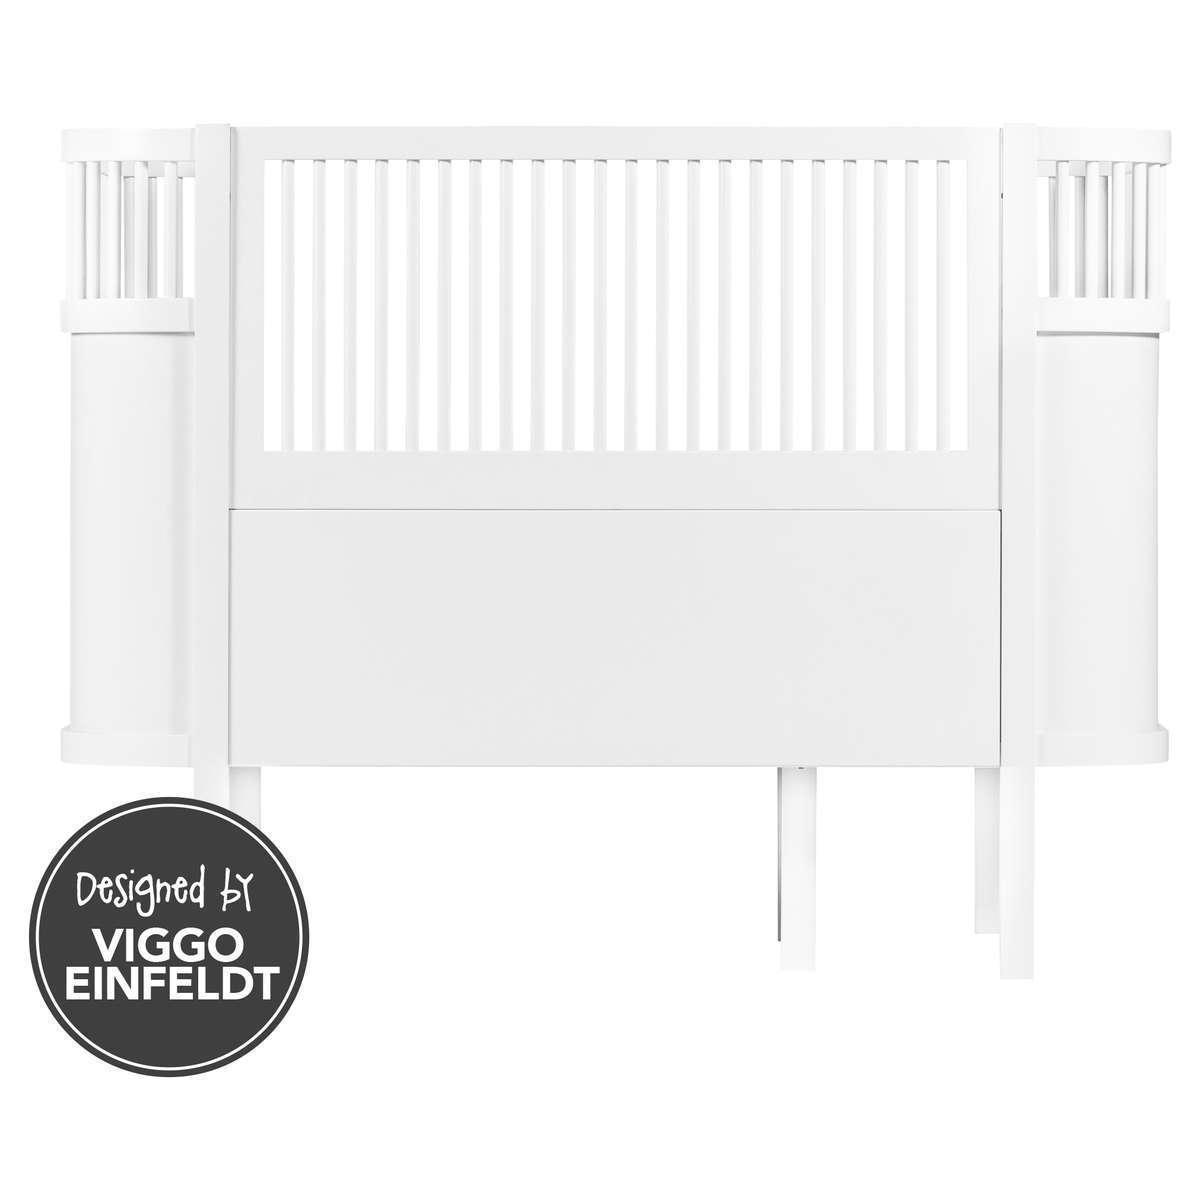 Lit bébé Lit Bébé Evolutif Sebra Bed Blanc - 70 x 110 cm Lit Bébé Evolutif Sebra Bed Blanc - 70 x 110 cm